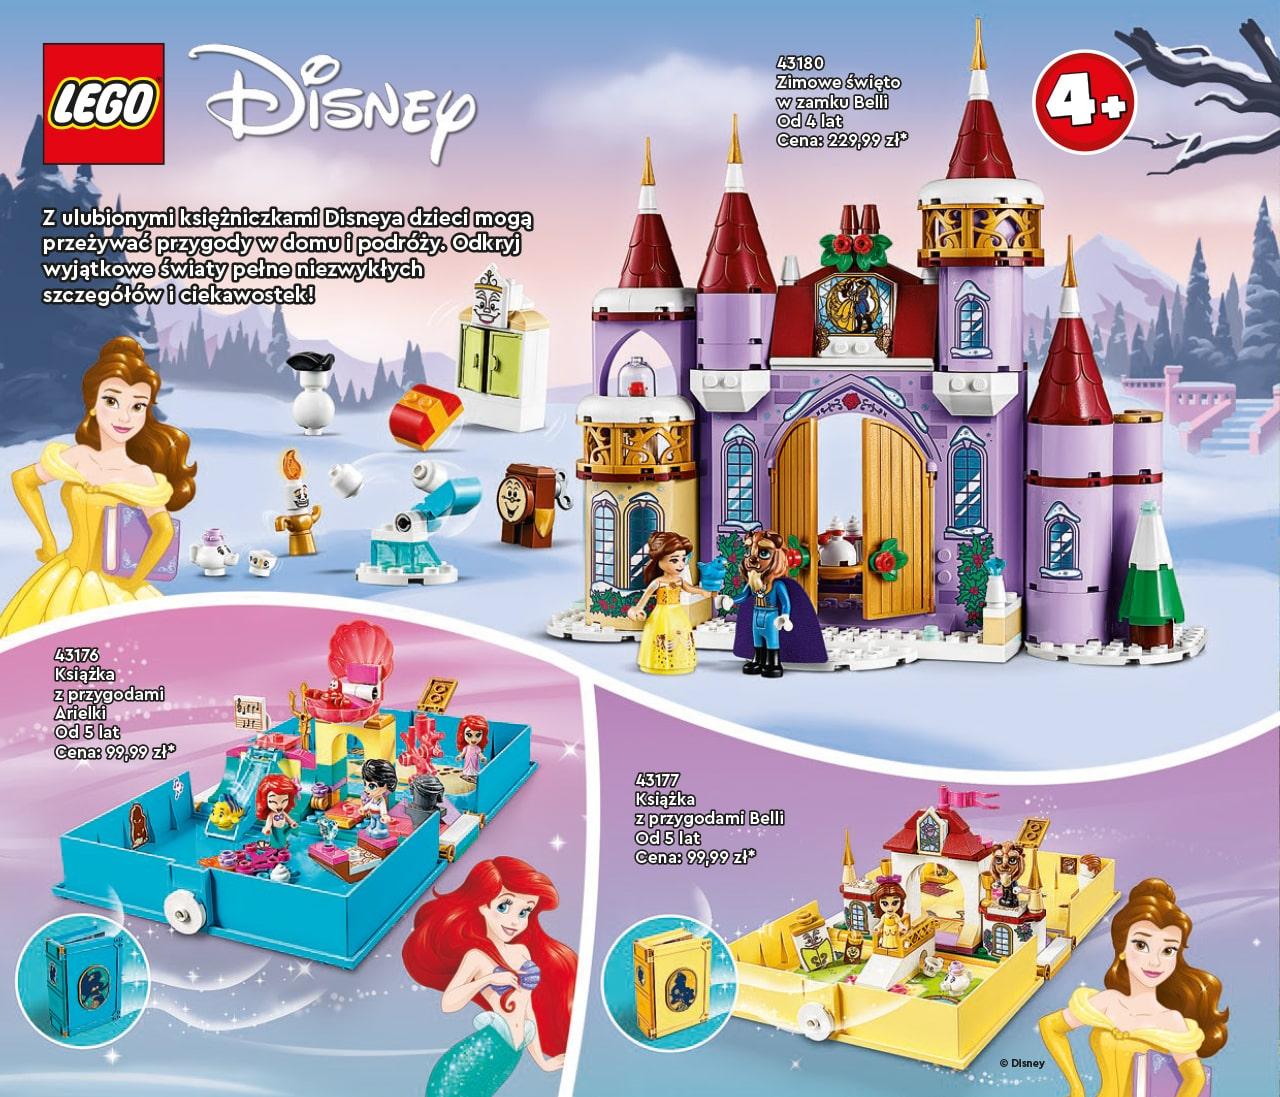 Katalog LEGO styczeń-maj 2021 - wersja polska - 28 - LEGO Disney